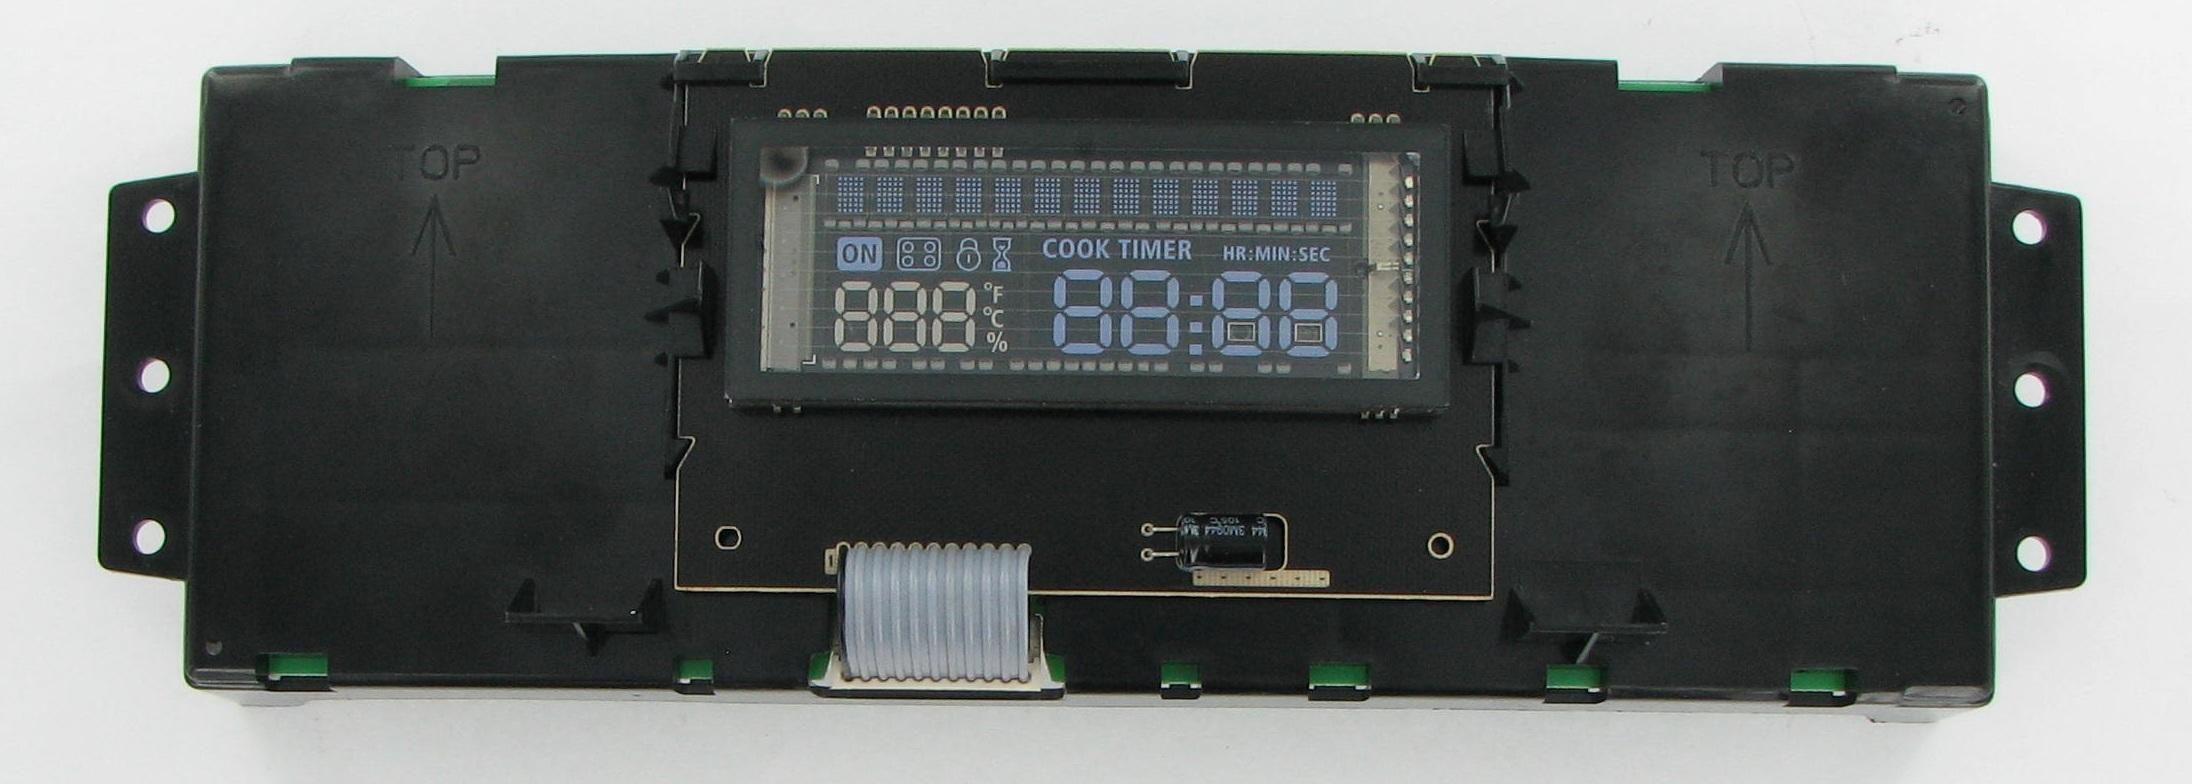 Whirlpool W10157246 Range Electronic Control Board